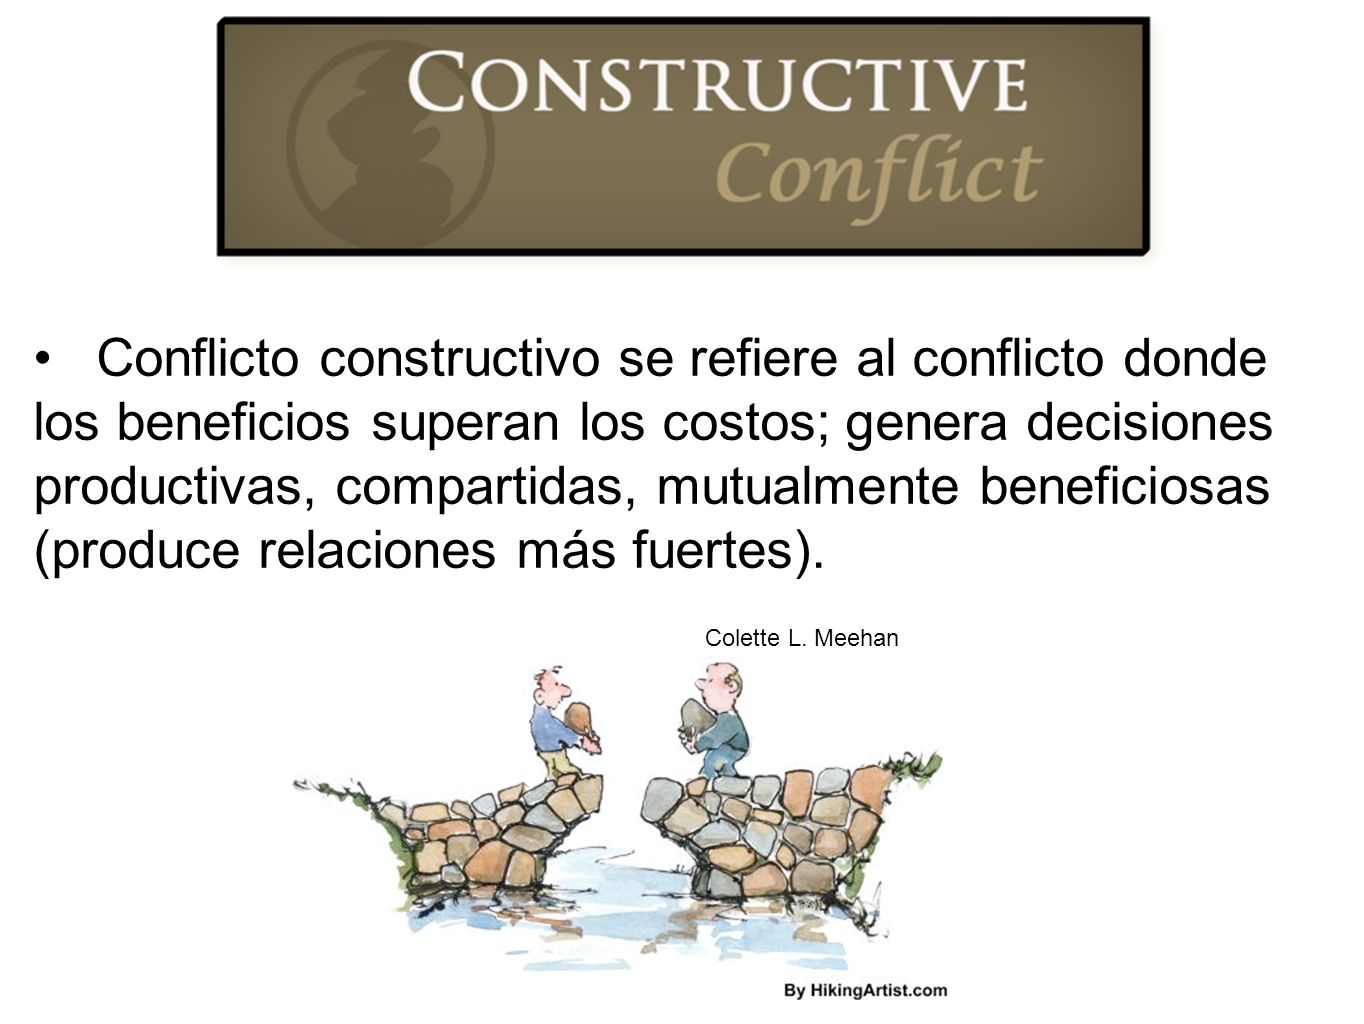 Conflicto constructivo se refiere al conflicto donde los beneficios superan los costos; genera decisiones productivas, compartidas, mutualmente benefi